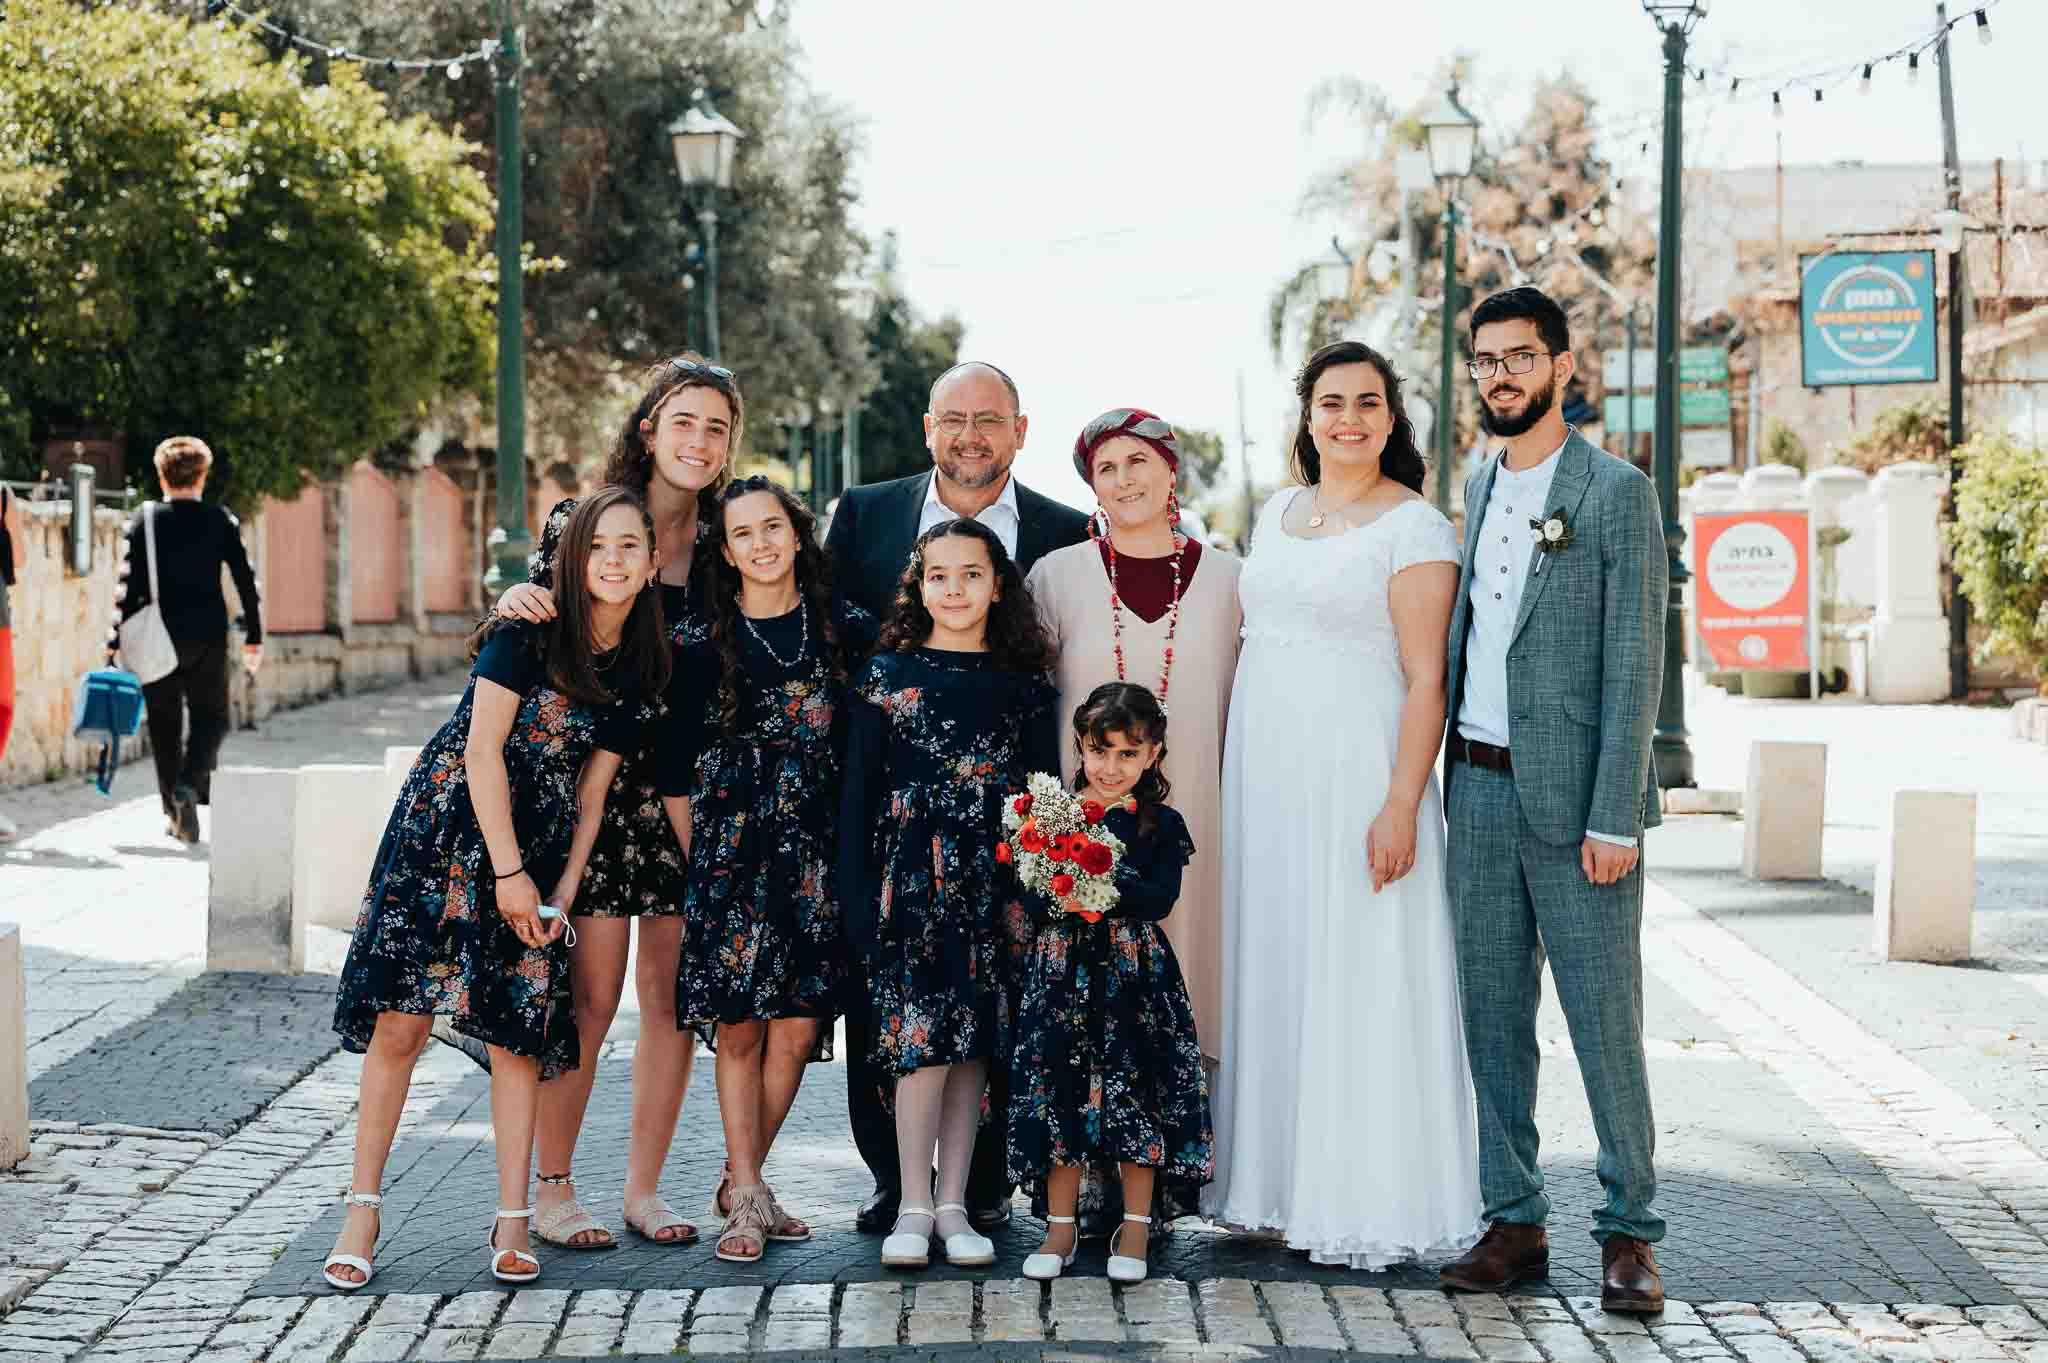 החתונה של שי וידידיה בית המוכתר זכרון יעקב | צלם חתונה אמנון חורש